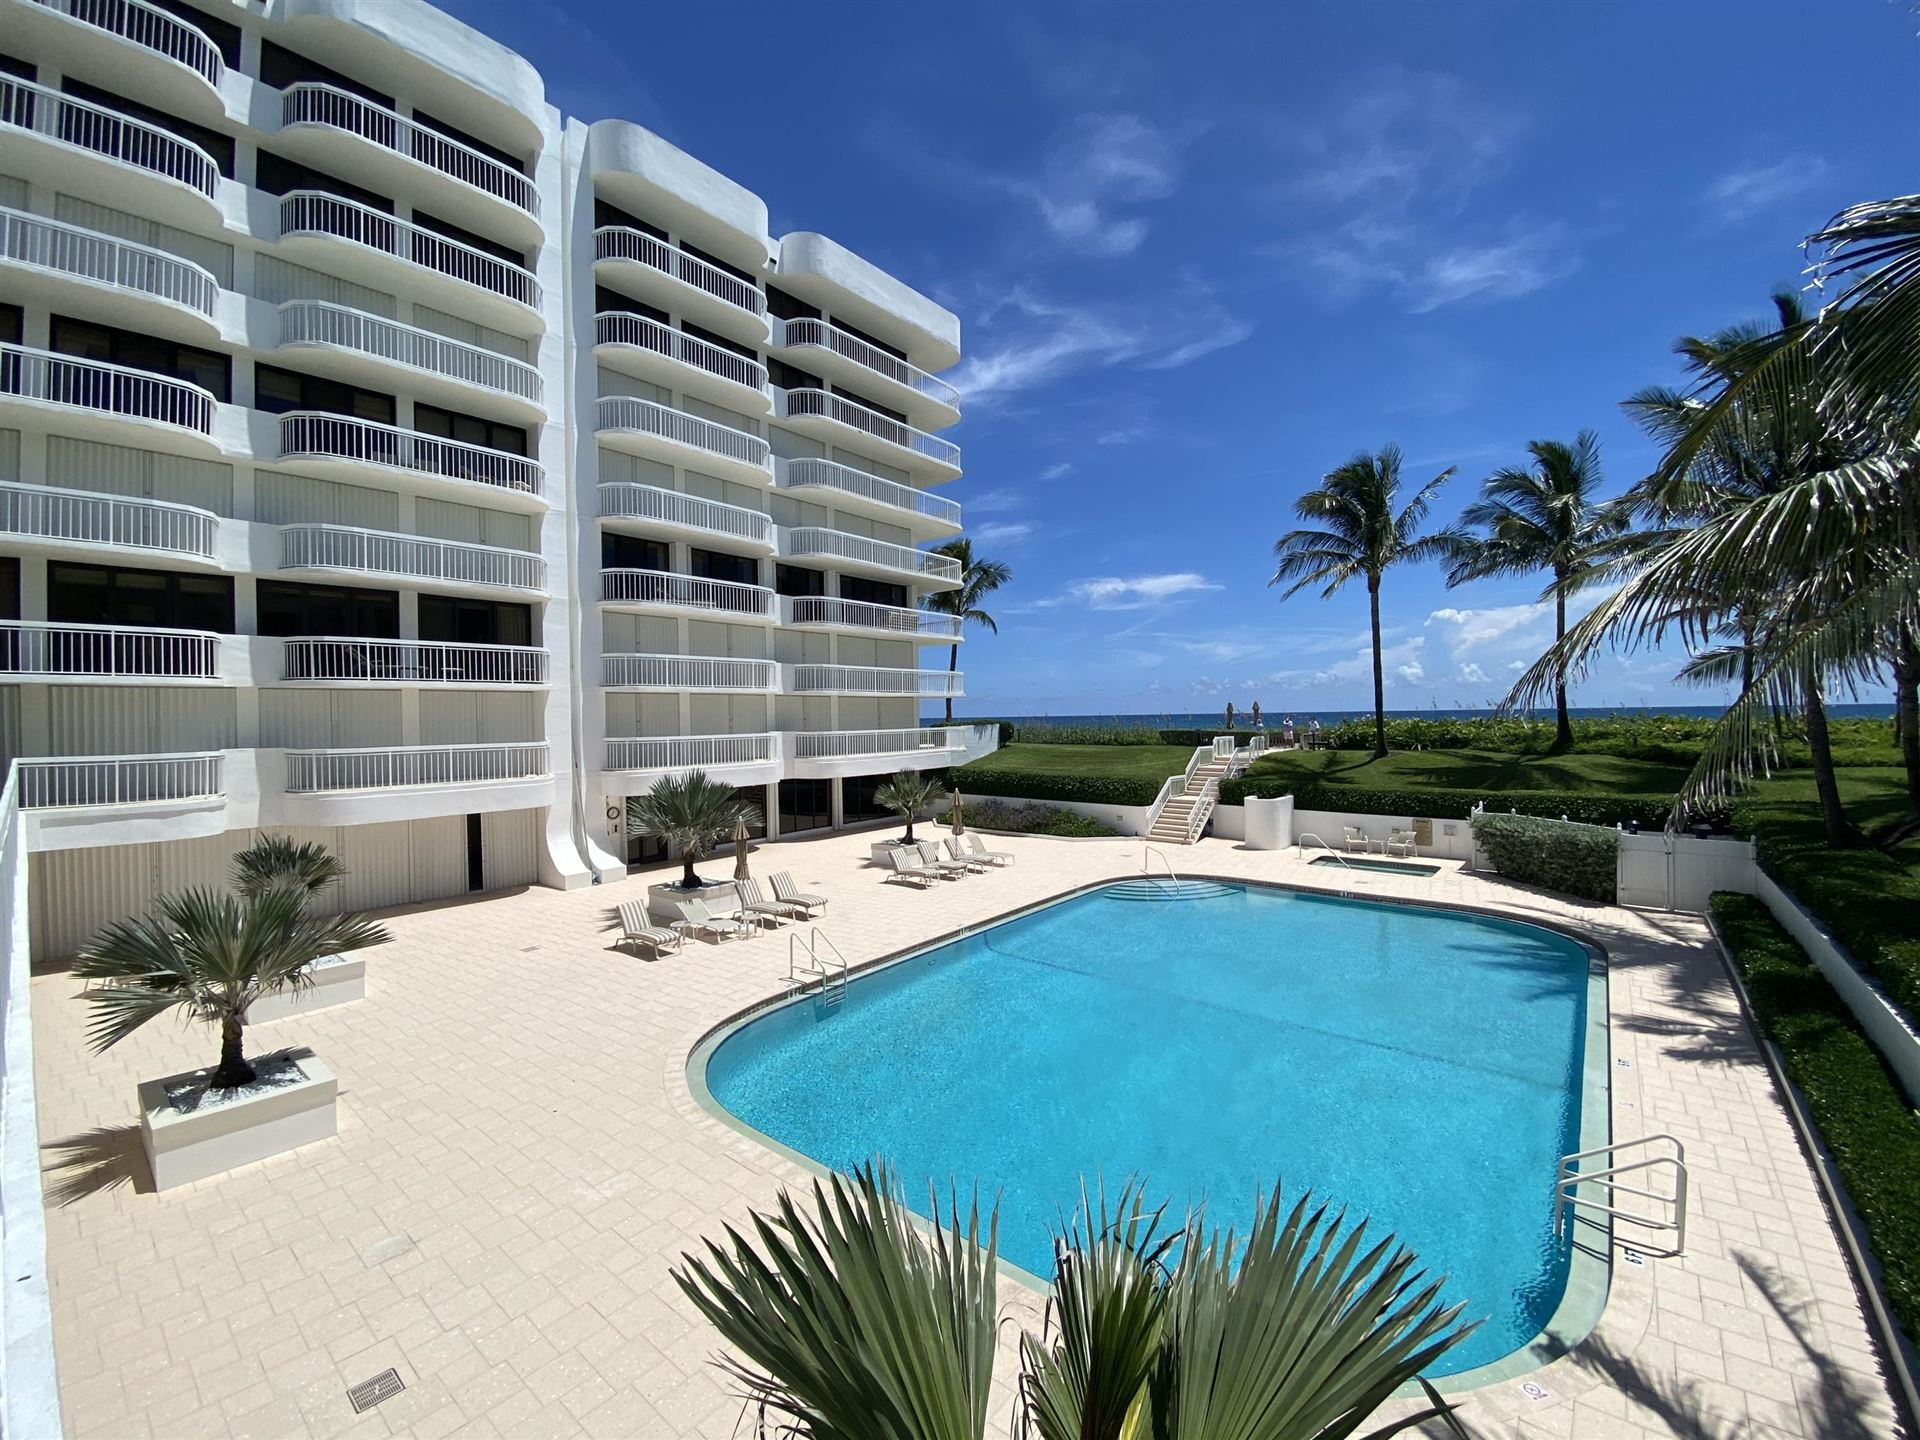 2580 S Ocean Boulevard #1a3, Palm Beach, FL 33480 - #: RX-10648407